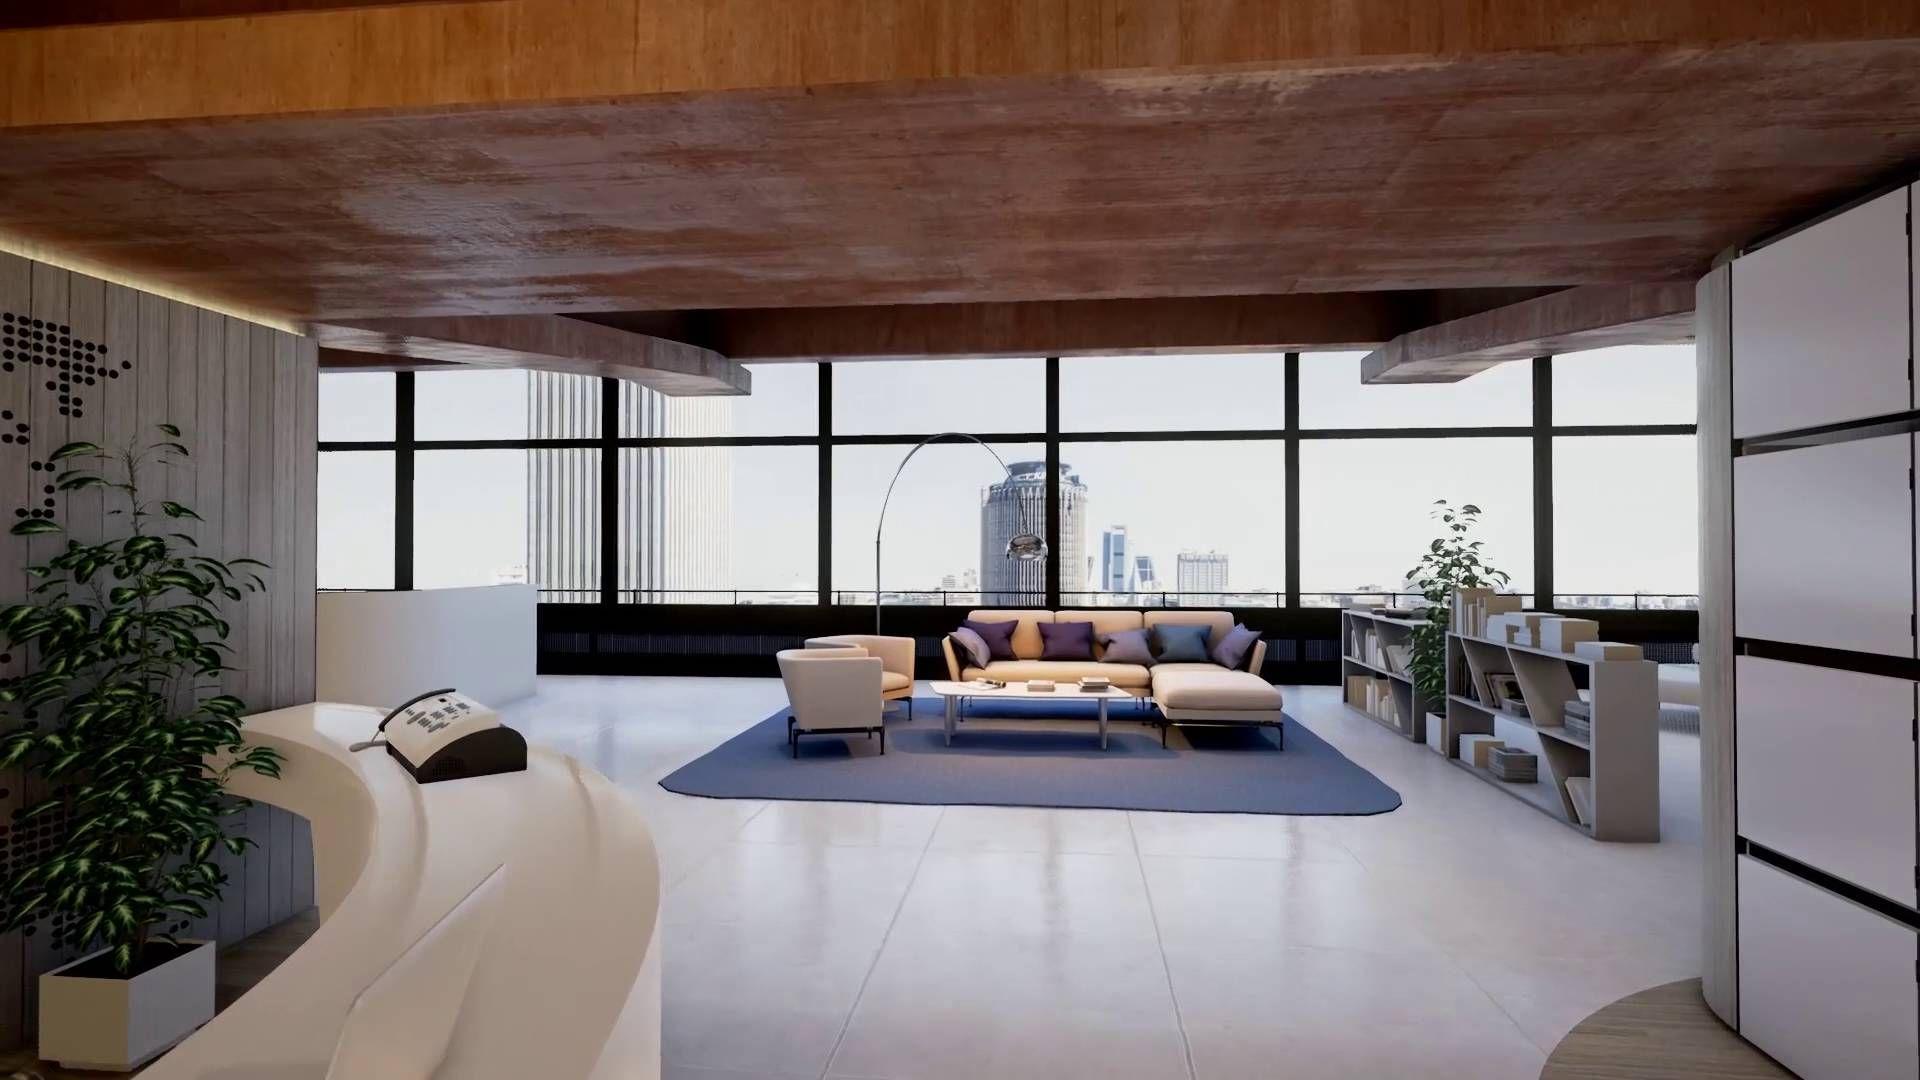 Recorrido Interior De Castellana 81 Edificio De Oficinas En  # Muebles Union Castellana